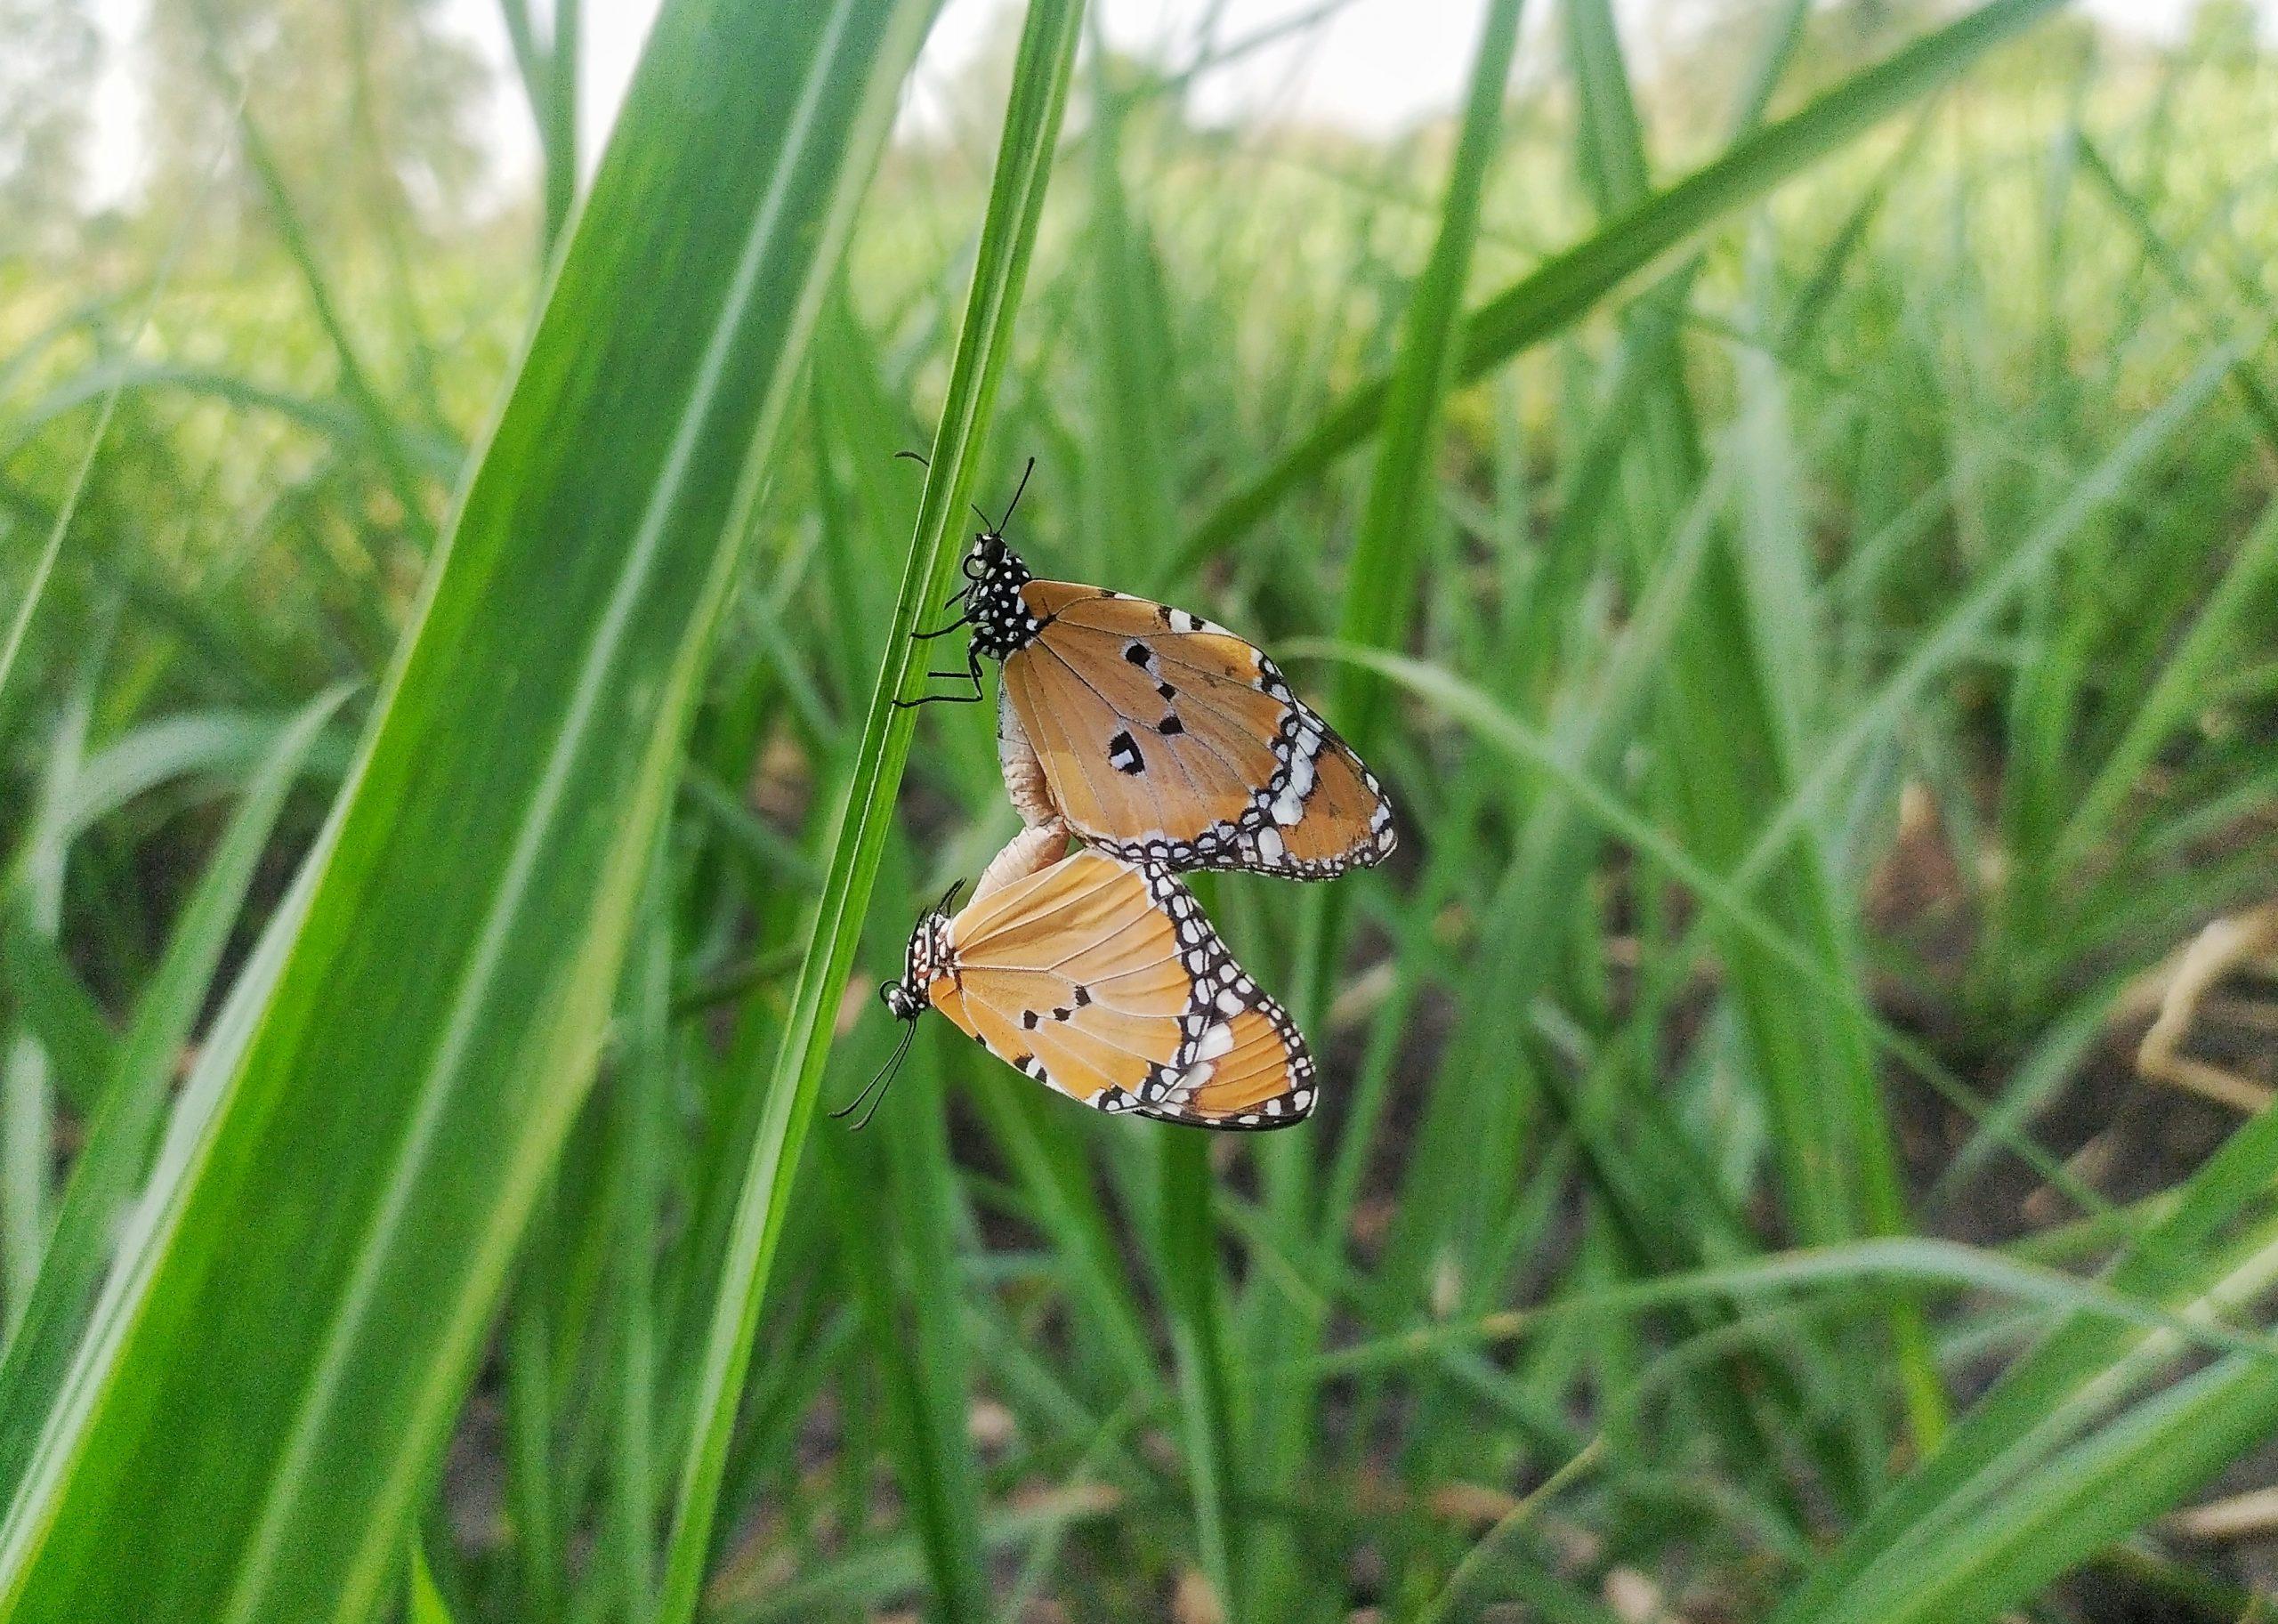 Butterflies on green grass